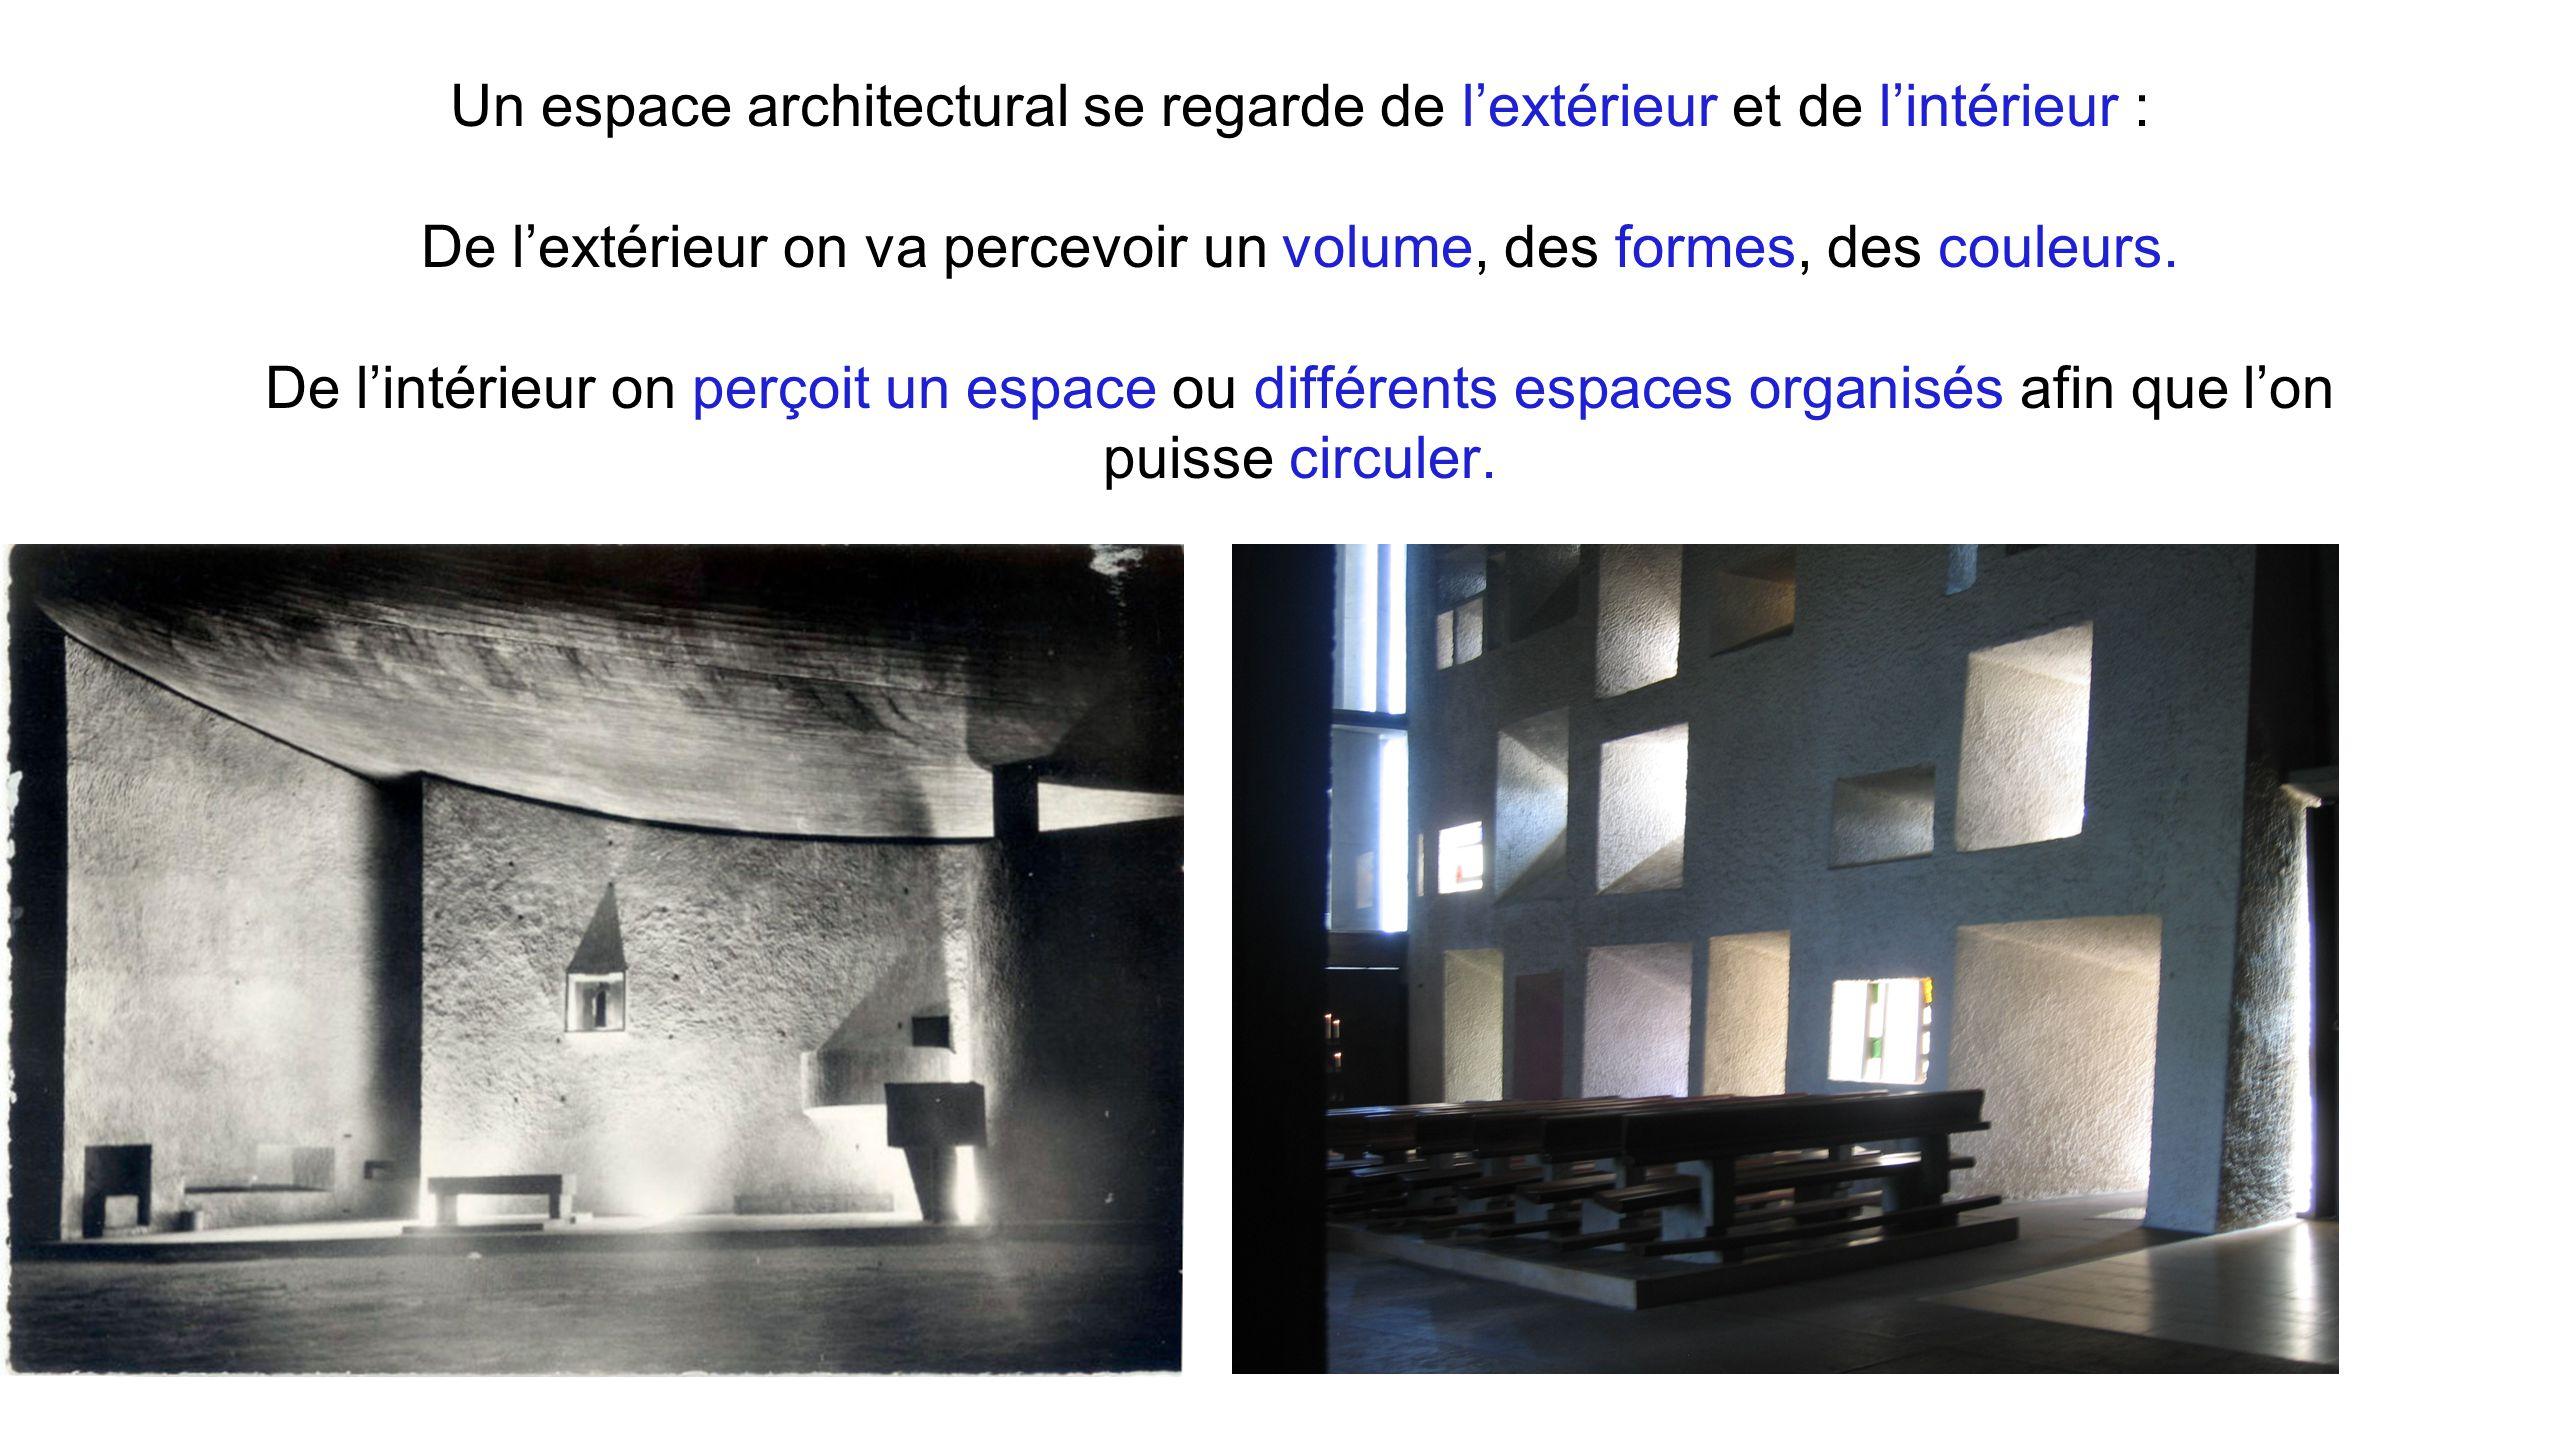 Un espace architectural se regarde de l'extérieur et de l'intérieur : De l'extérieur on va percevoir un volume, des formes, des couleurs. De l'intérie